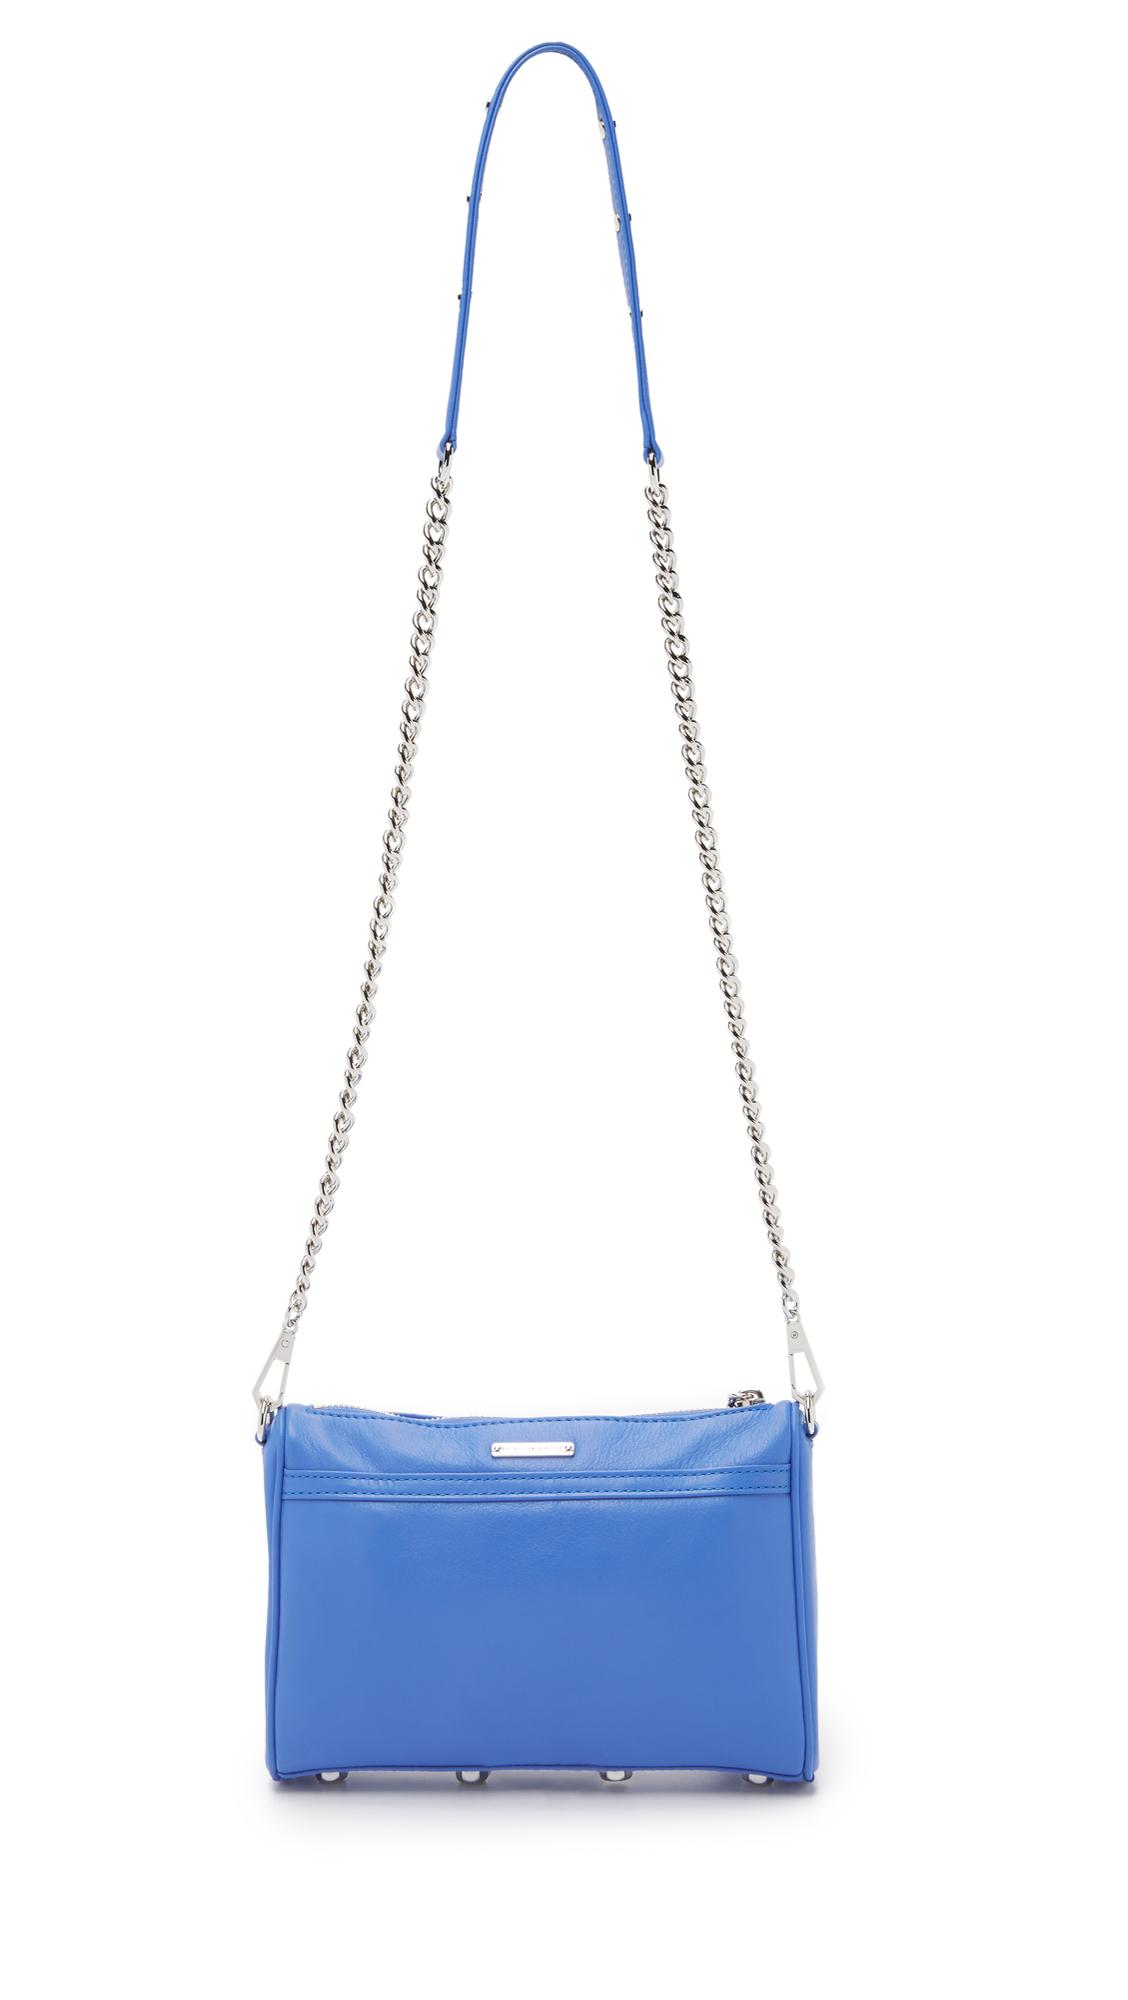 Rebecca Minkoff Mini Mac Cross Body Bag in Denim Blue (Blue)